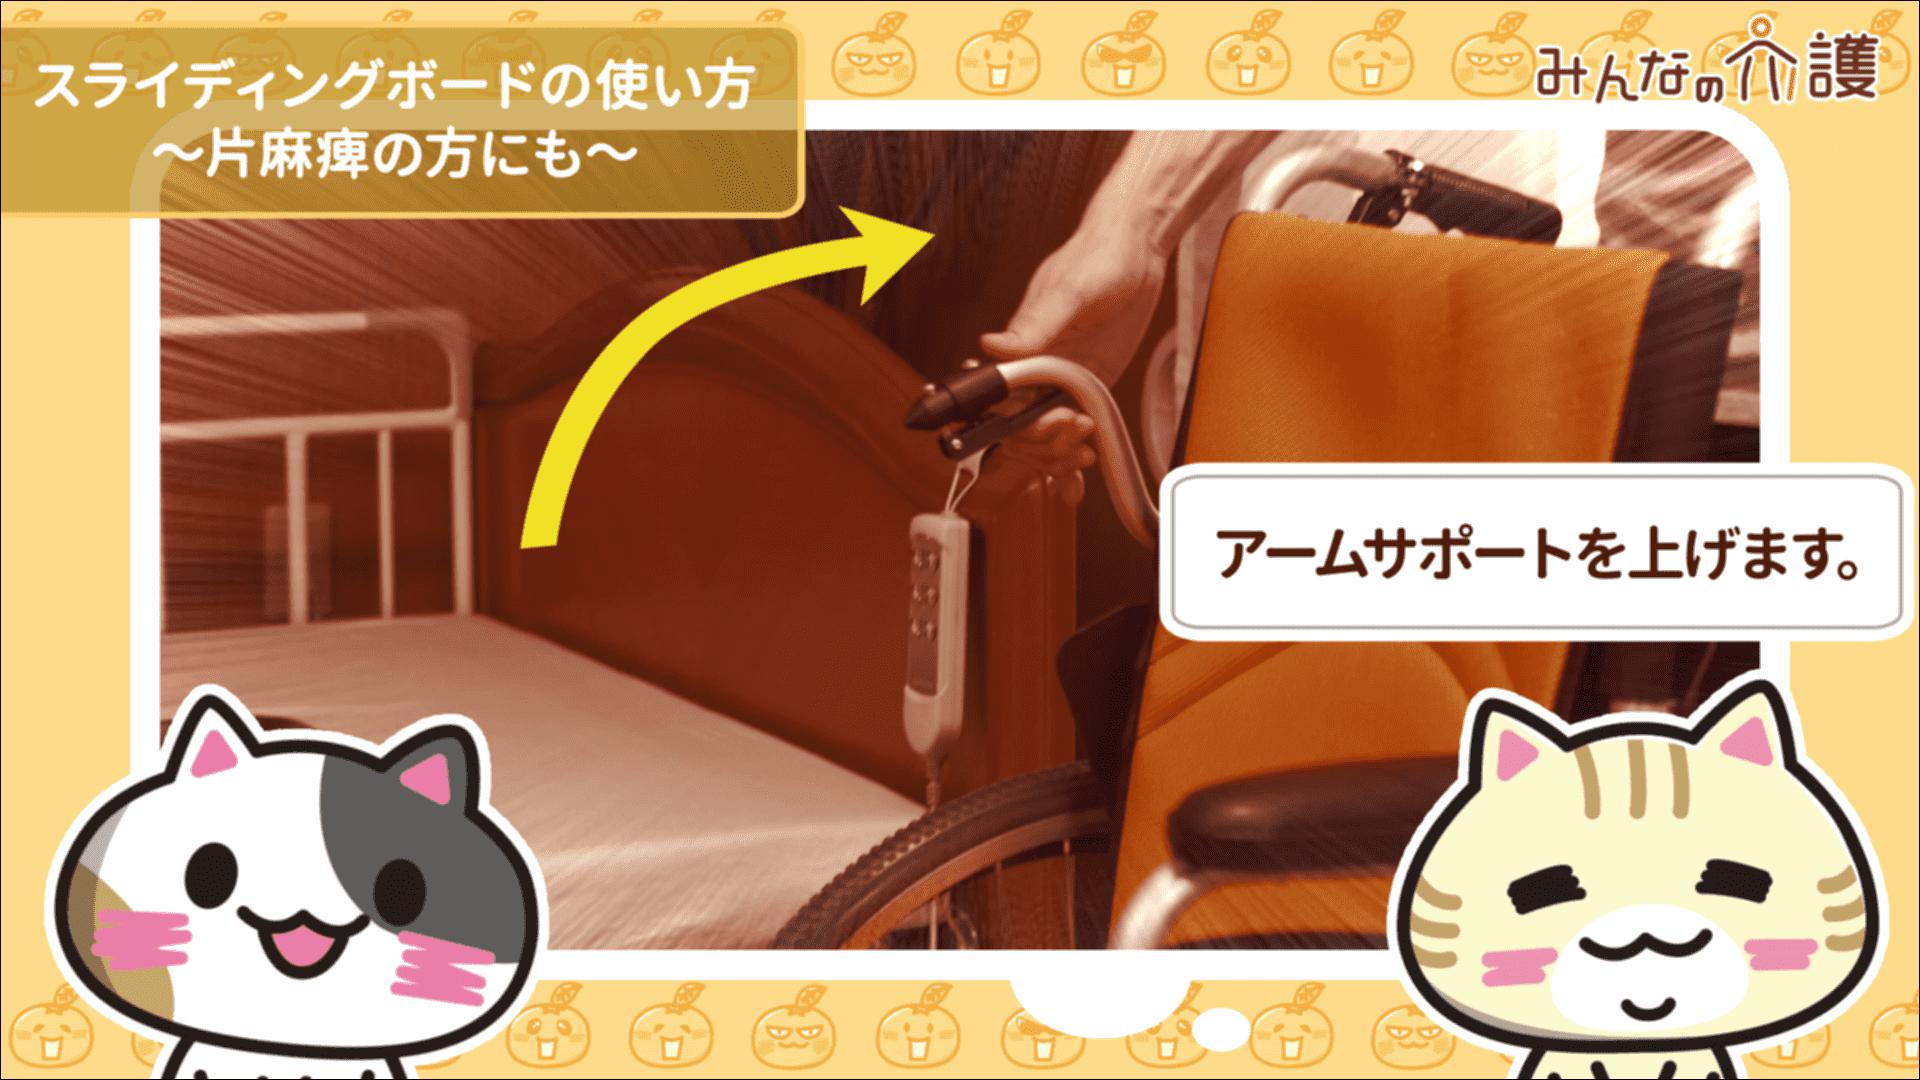 車椅子の準備をするイメージ